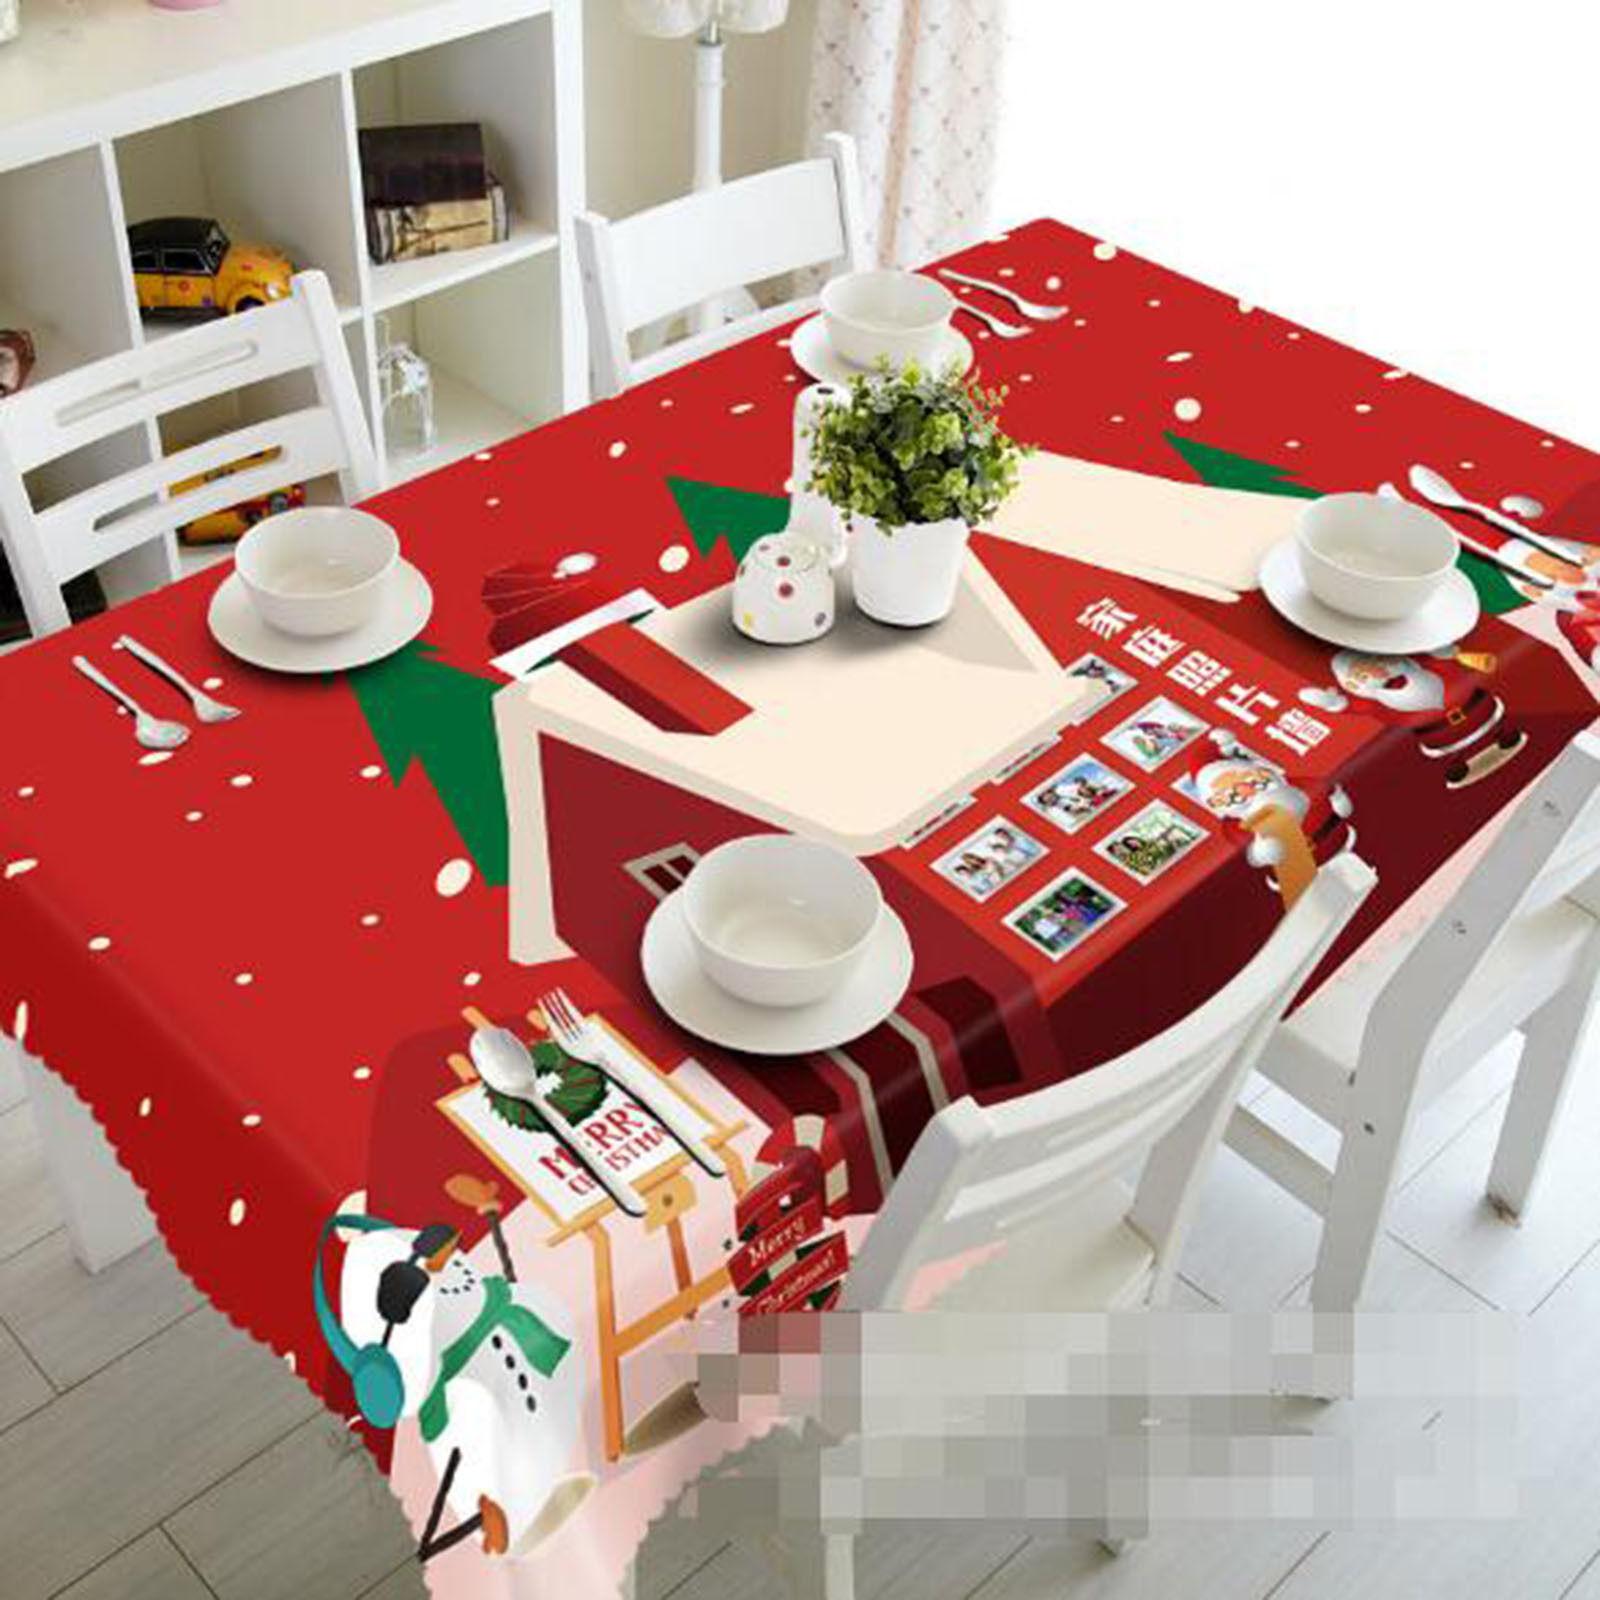 3D House 56 Nappe Table Cover Cloth fête d'anniversaire AJ papier peint Royaume-Uni Citron